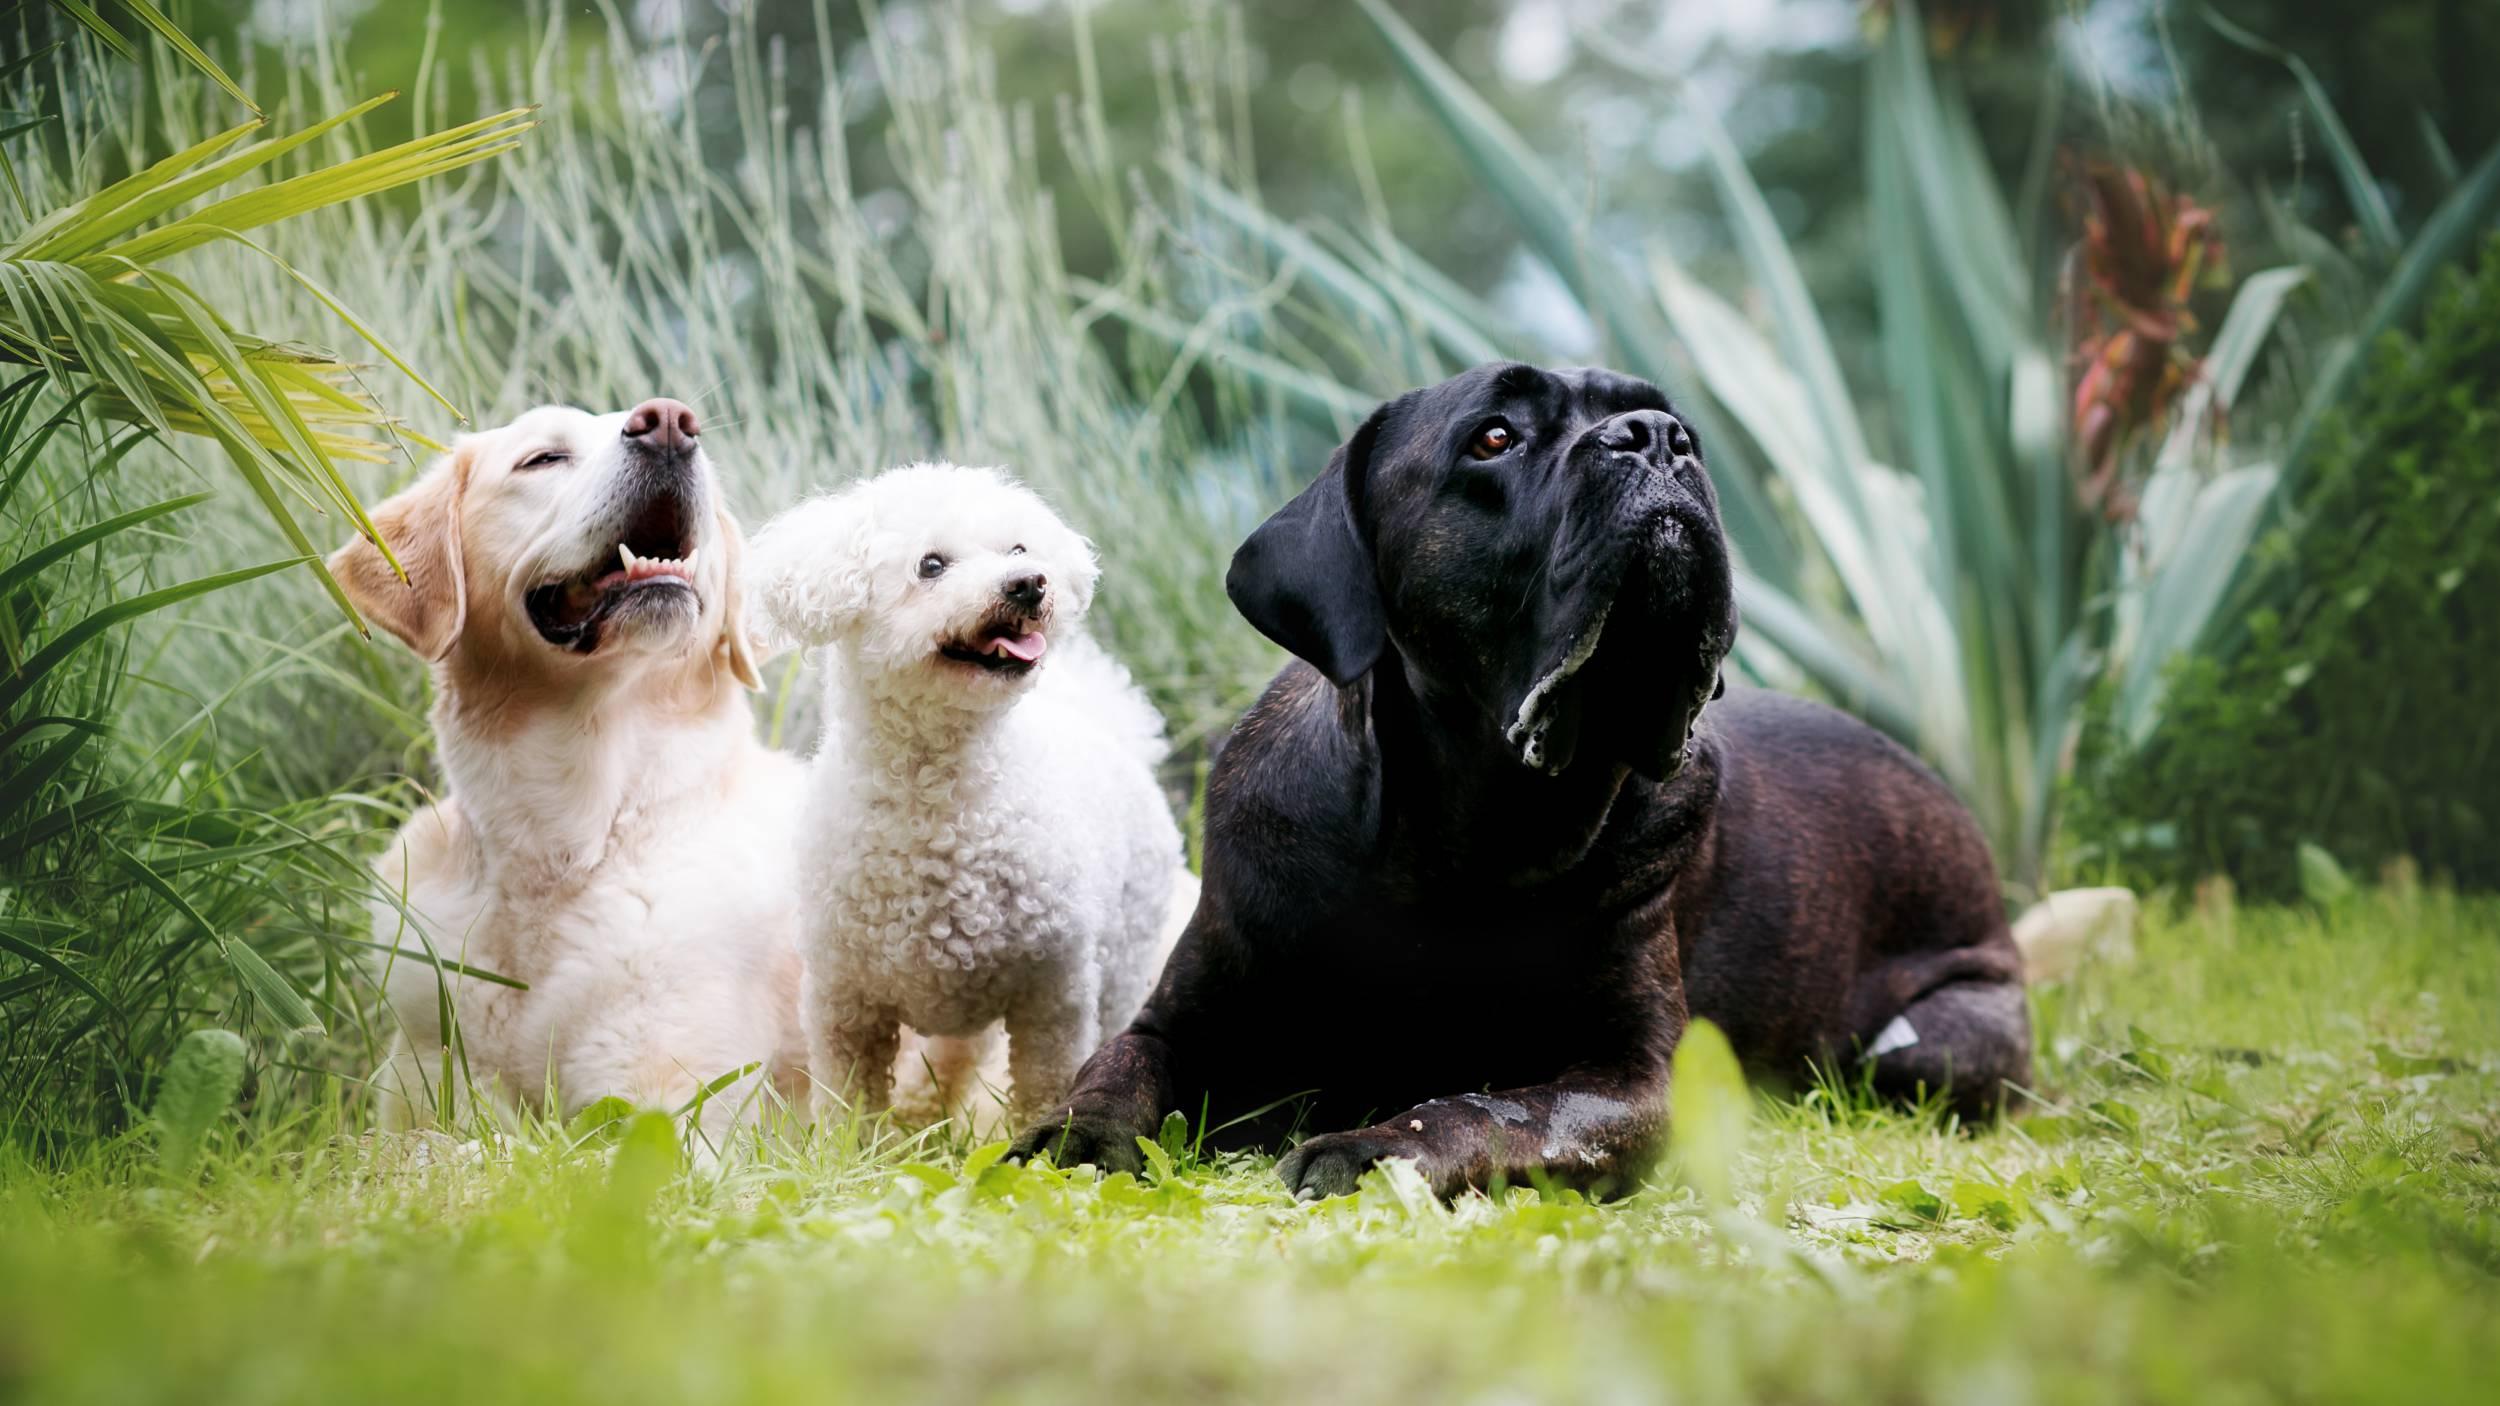 Hundeschule Allgäu - Vorbereitung - Training - Miteinander arbeiten